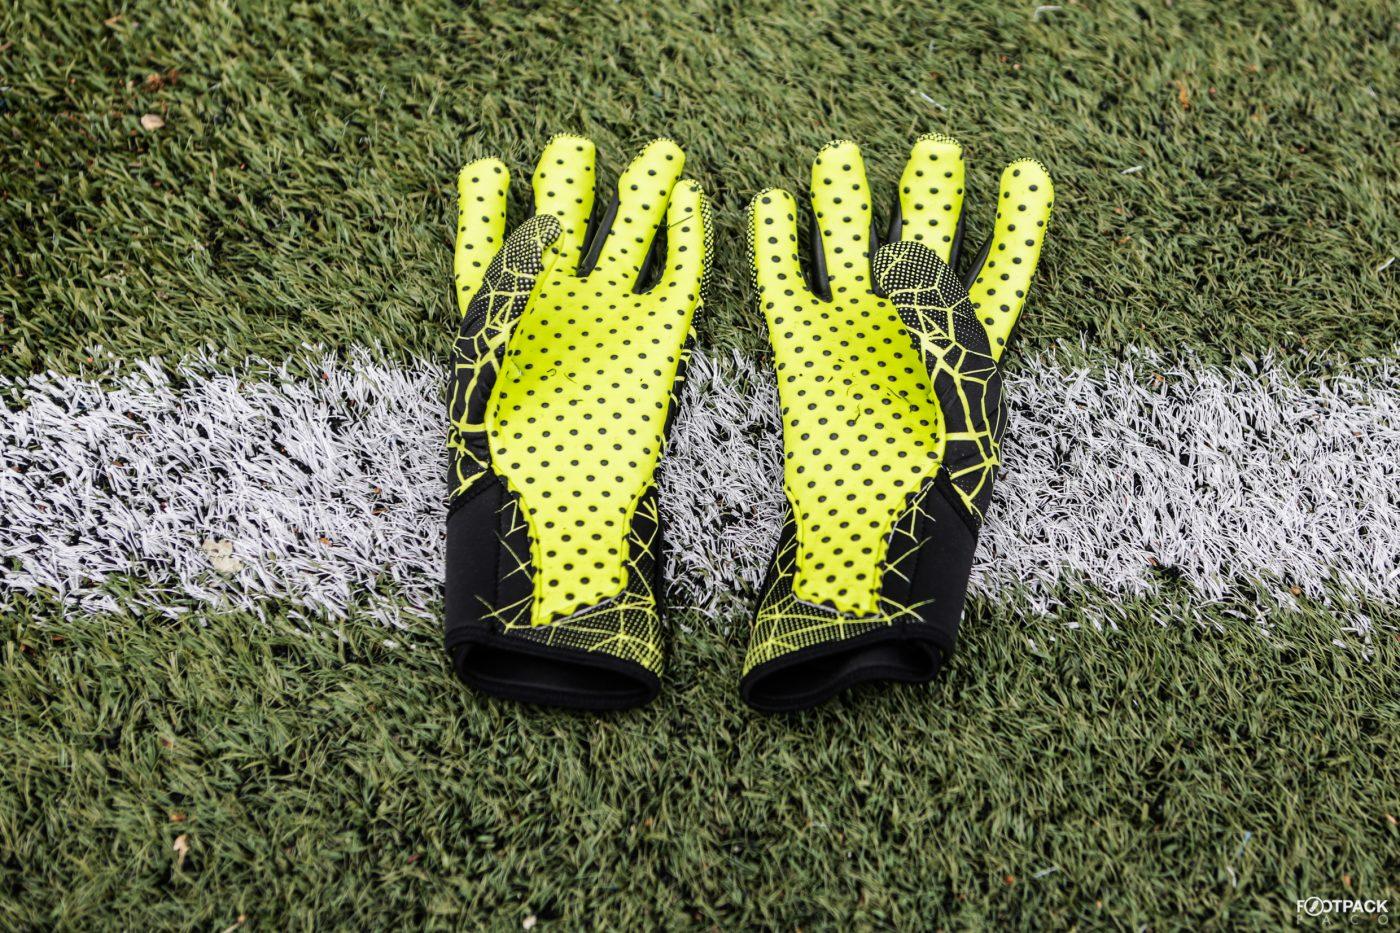 gants-reusch-mousse-G3-Speedbump-footpack-6